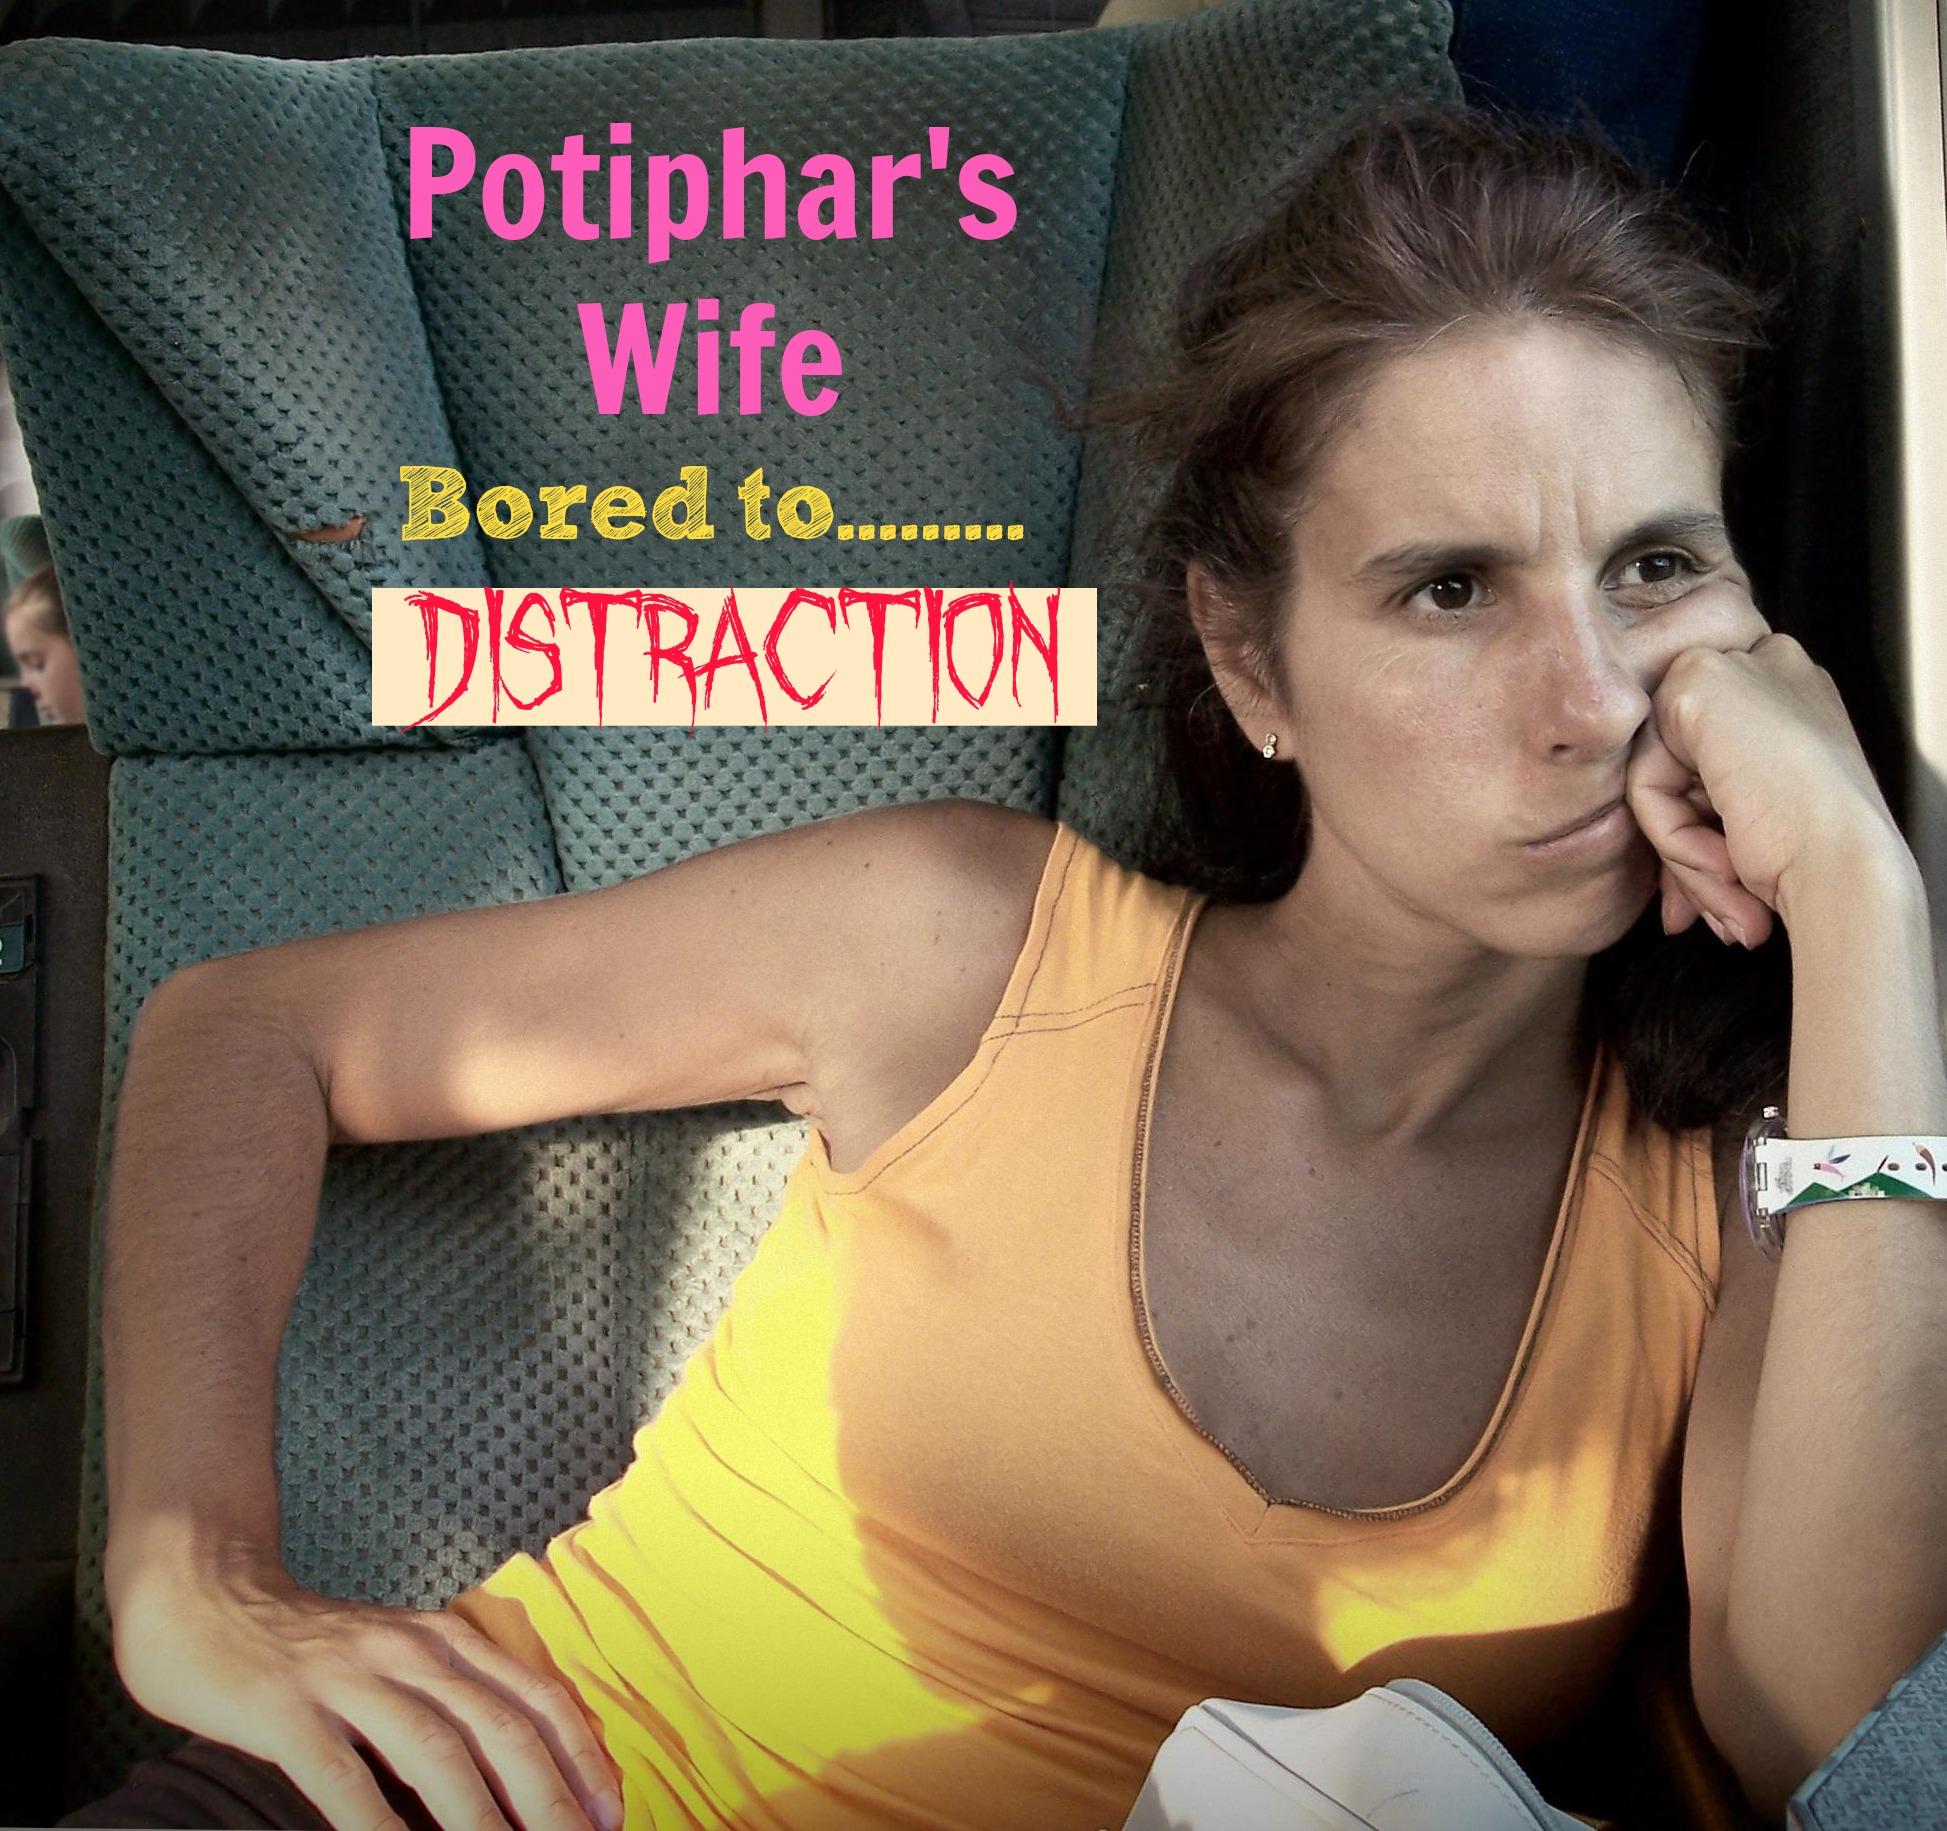 Wife Likes Levitra